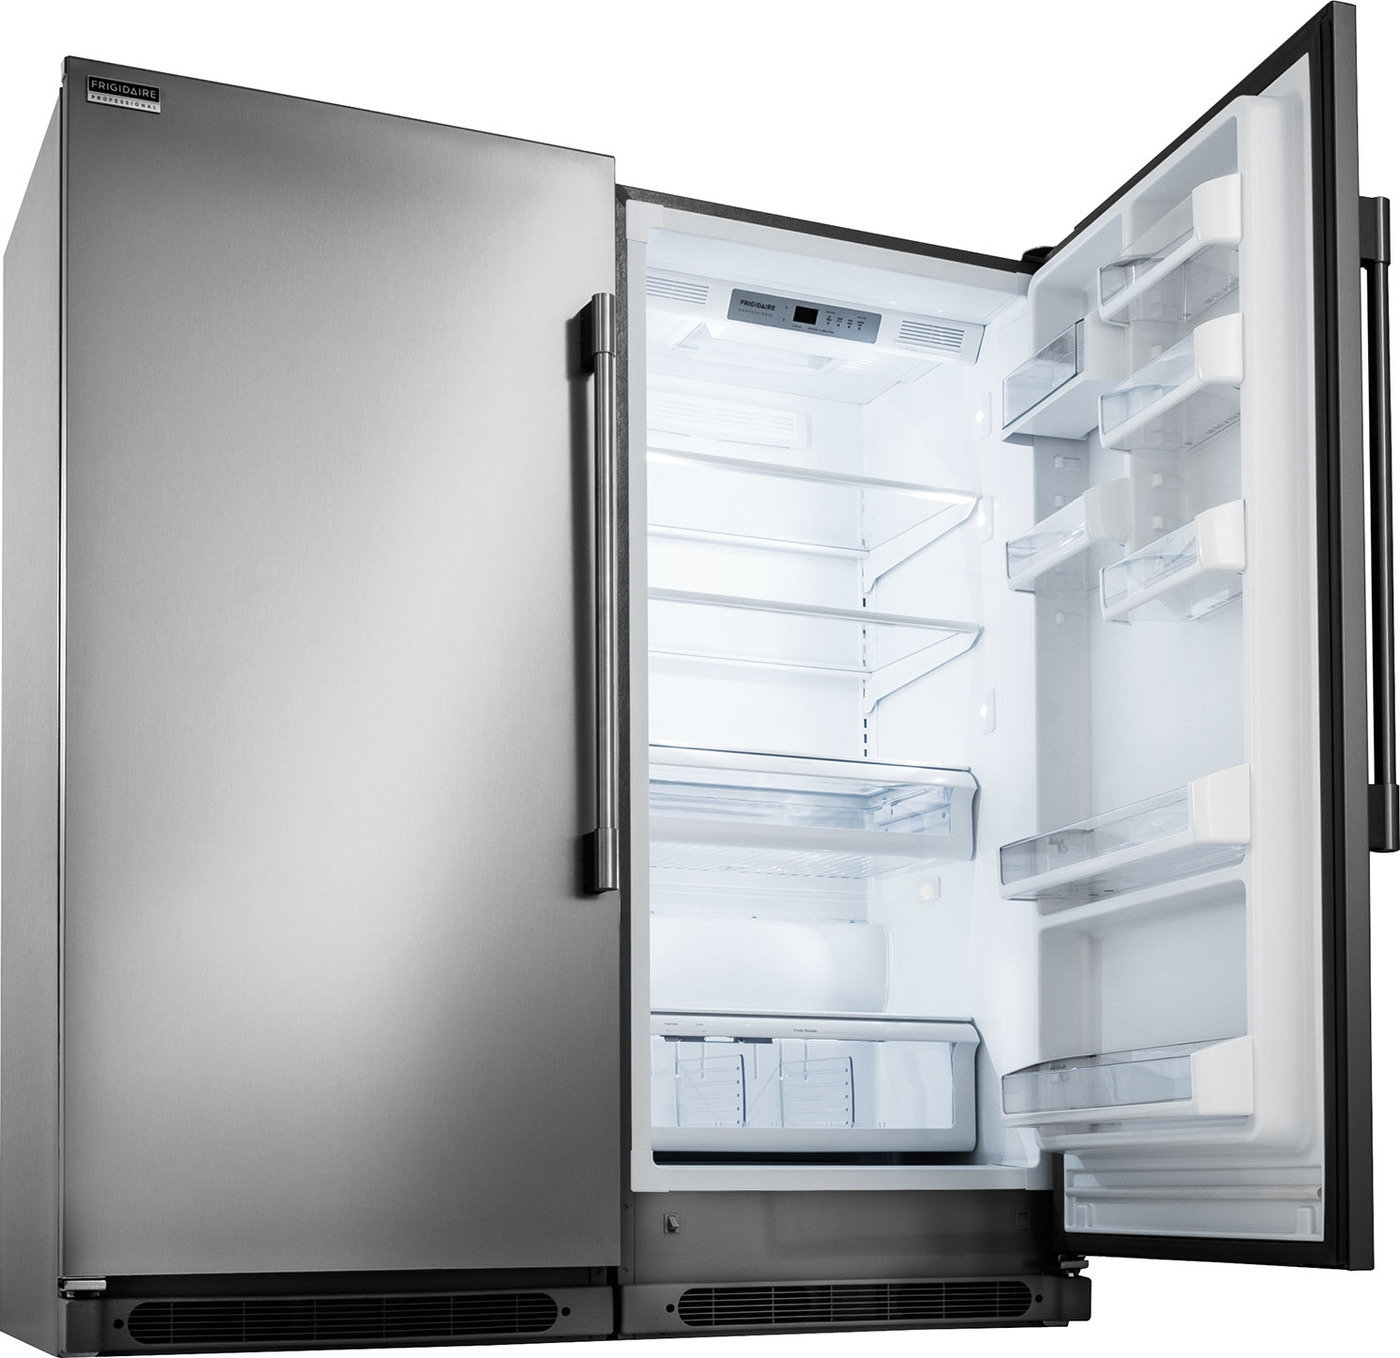 Frigidaire Convertible Refrigerator Freezer Photos And